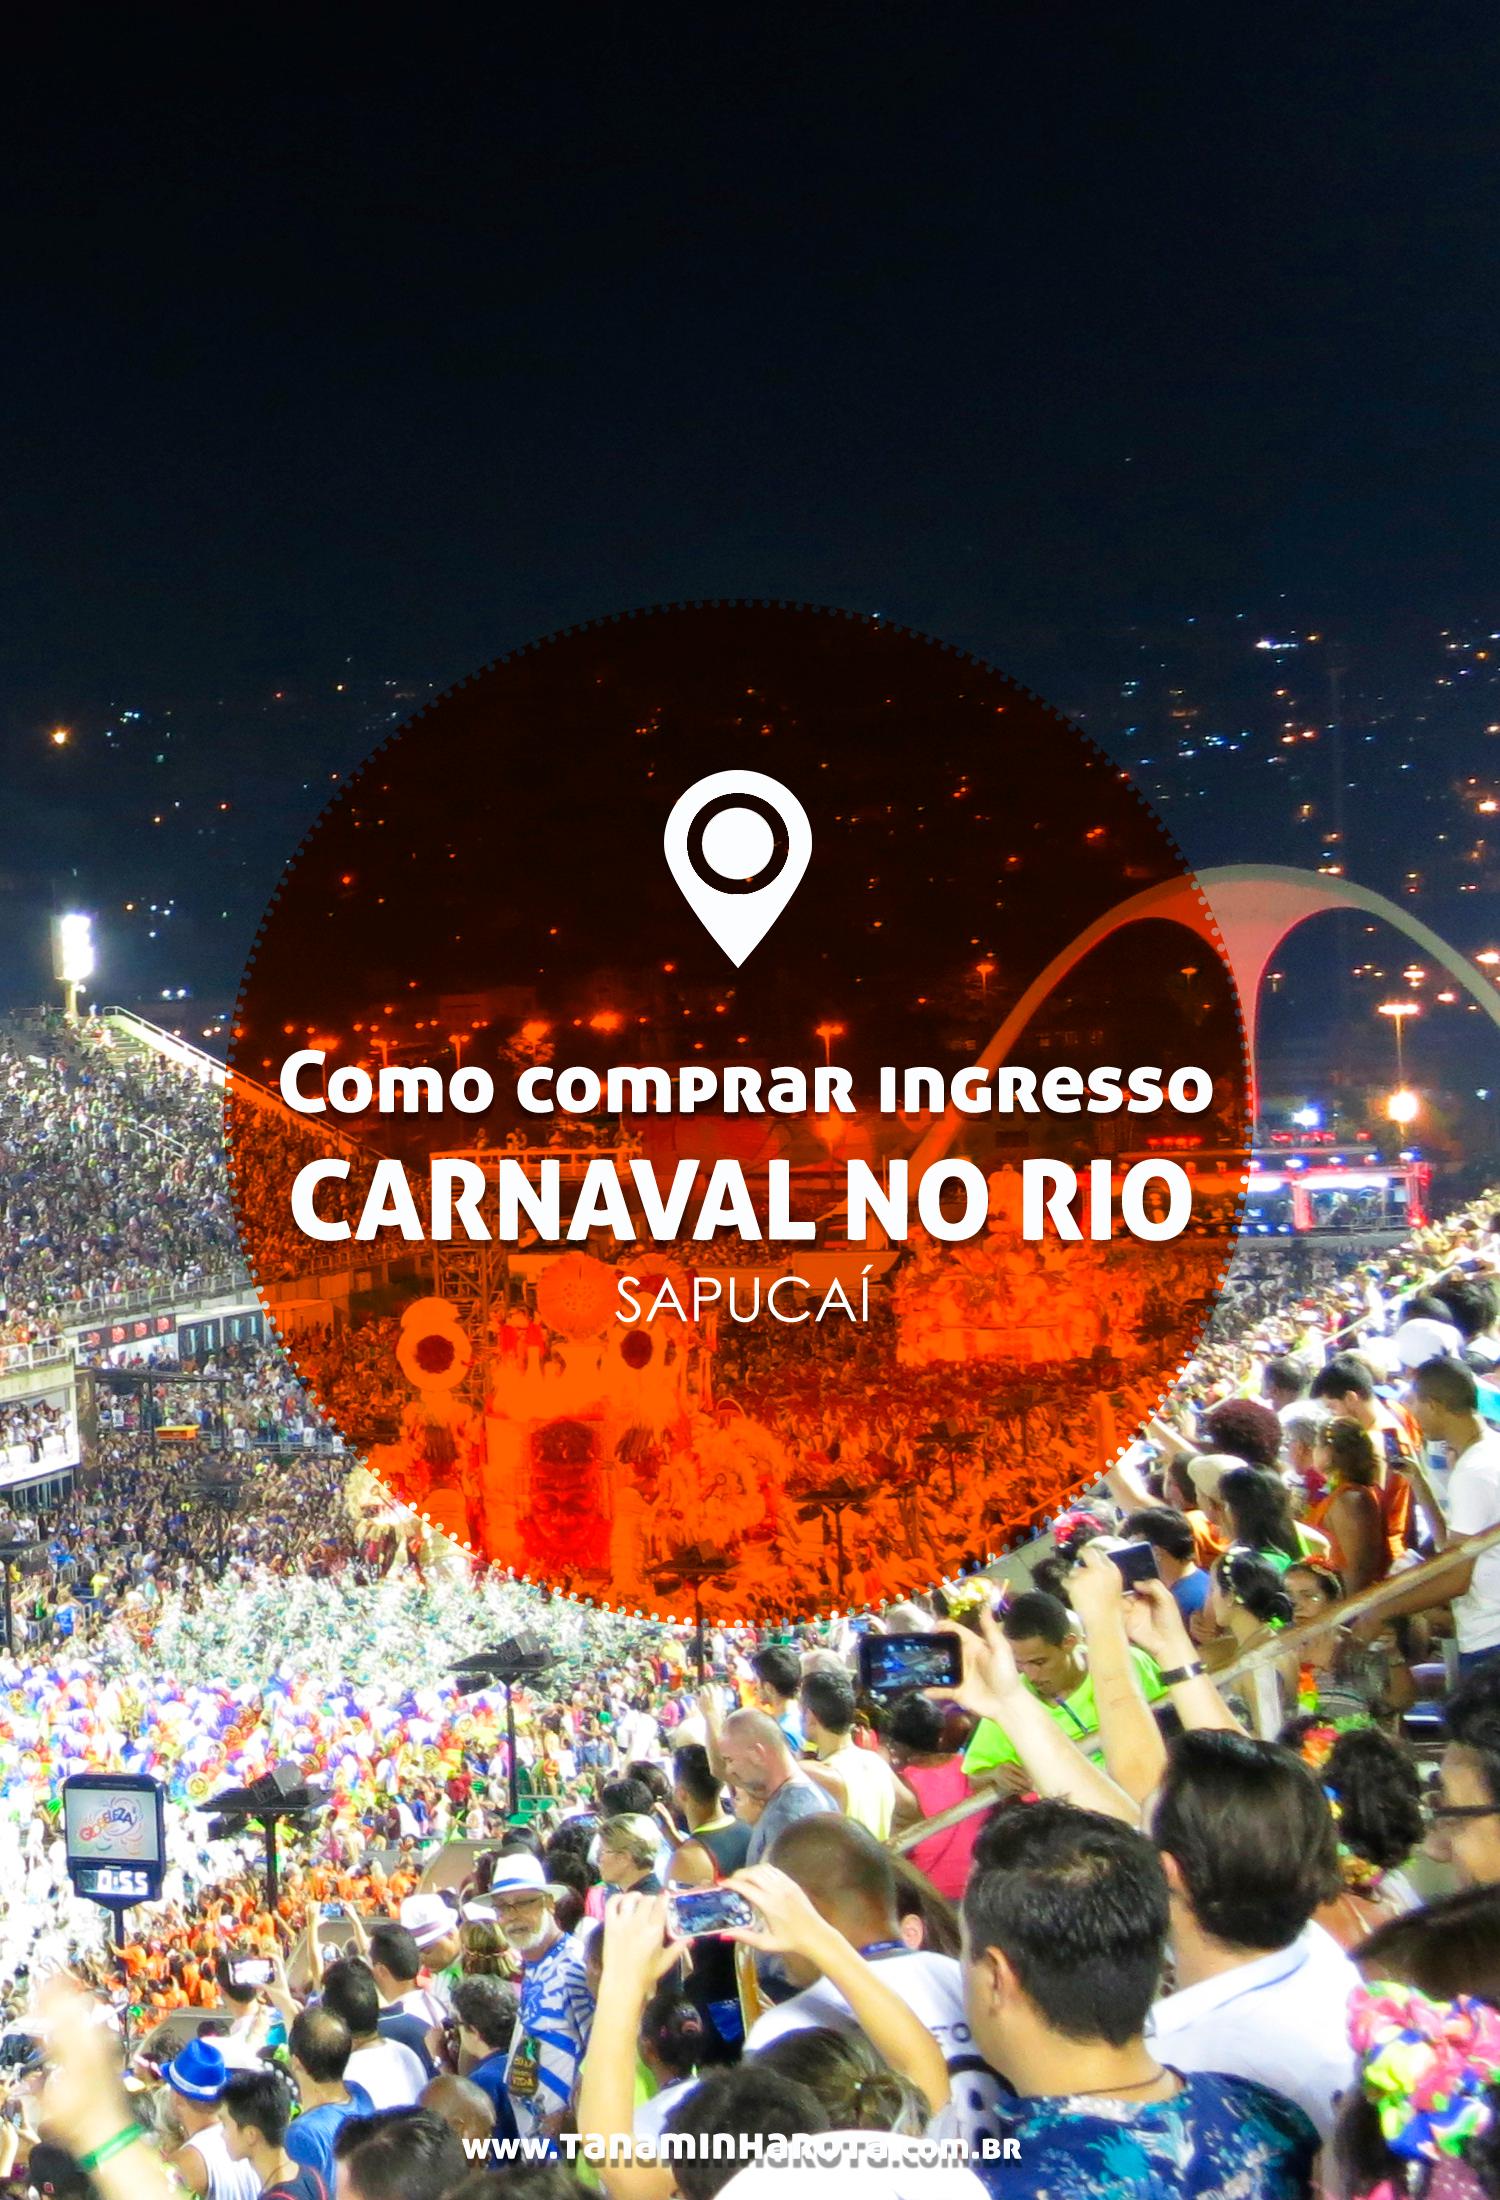 carnaval-do-rio-sambodromo-marques-de-sapucai-como-comprar-ingresso